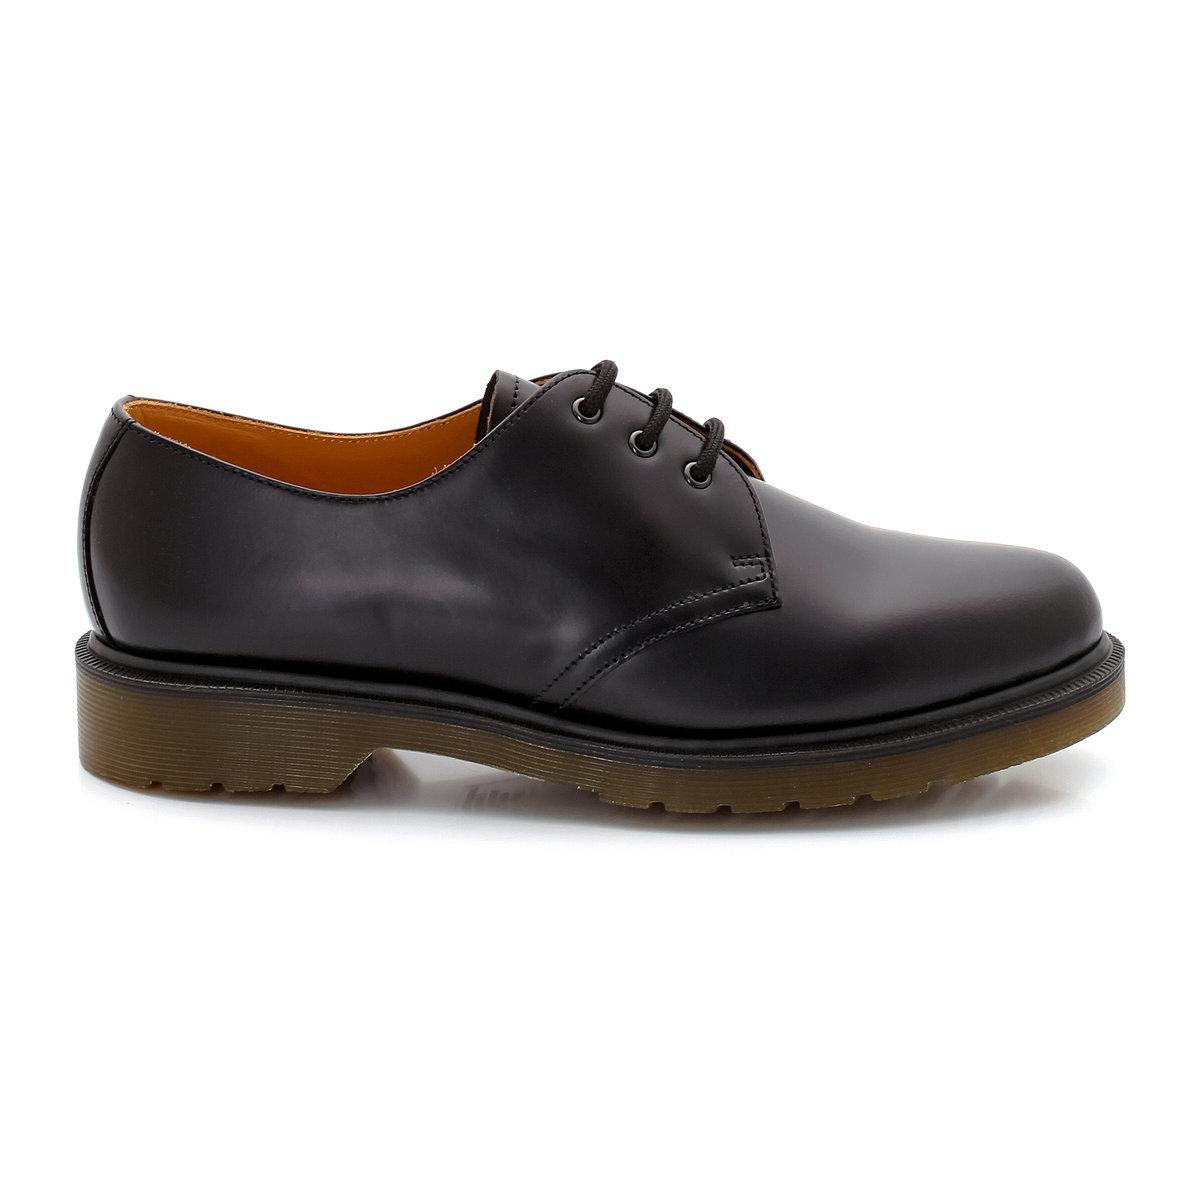 Ботинки-дерби LaRedoute Кожаные на шнуровке 1461 44 черный